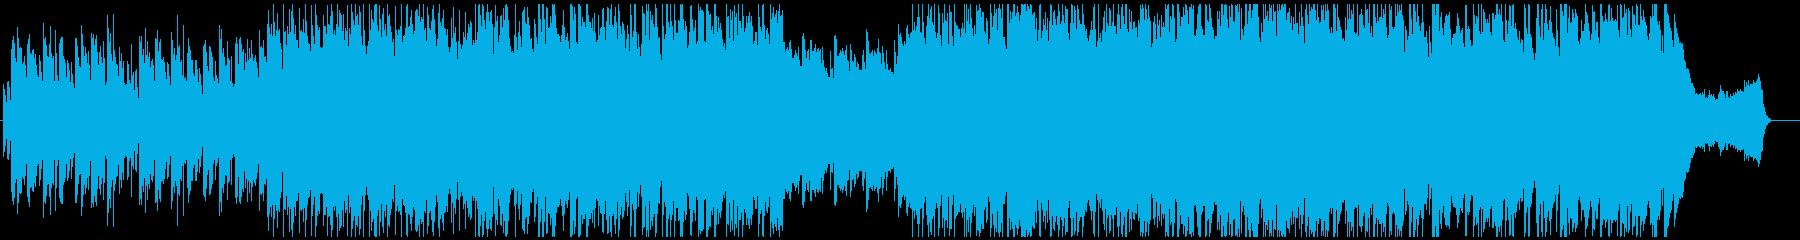 和の旋律のピアノバラードの再生済みの波形